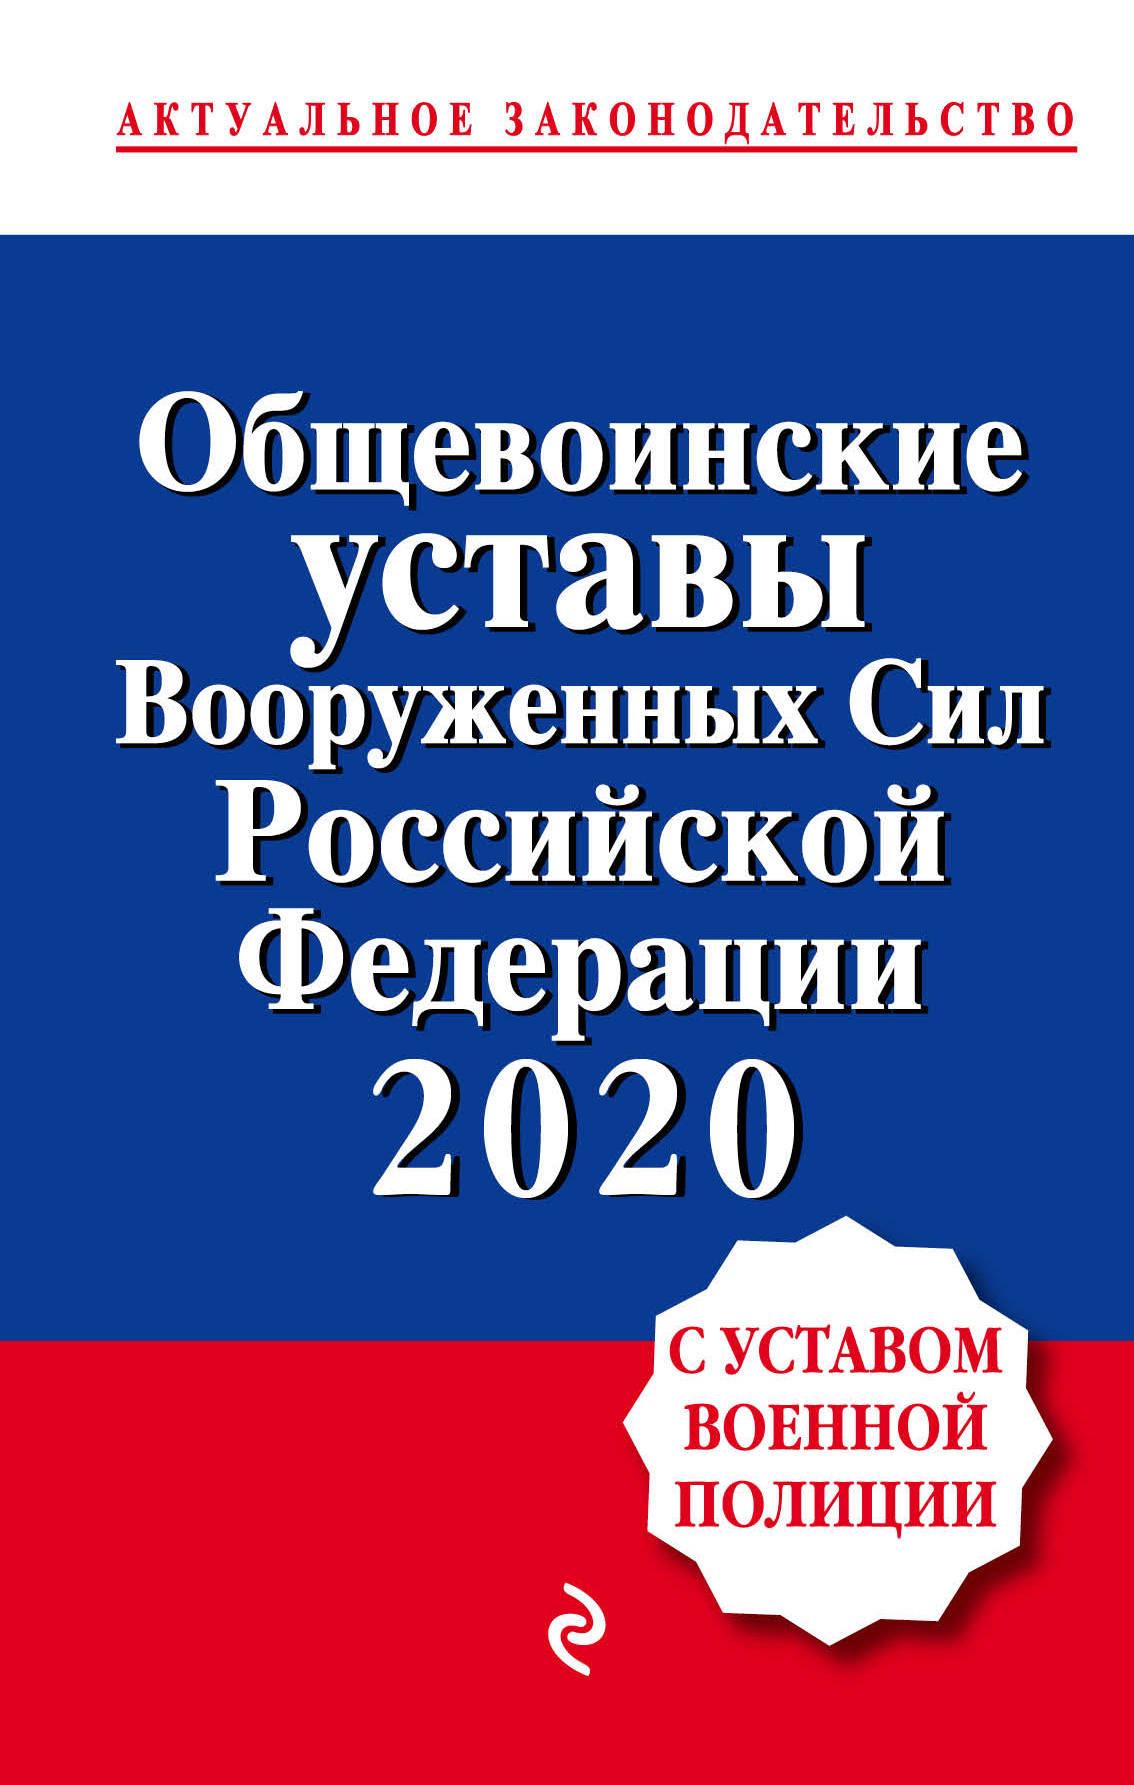 Obschevoinskie ustavy Vooruzhennykh sil Rossijskoj Federatsii s Ustavom voennoj politsii. Teksty s izm. i dop. na 2020 g.